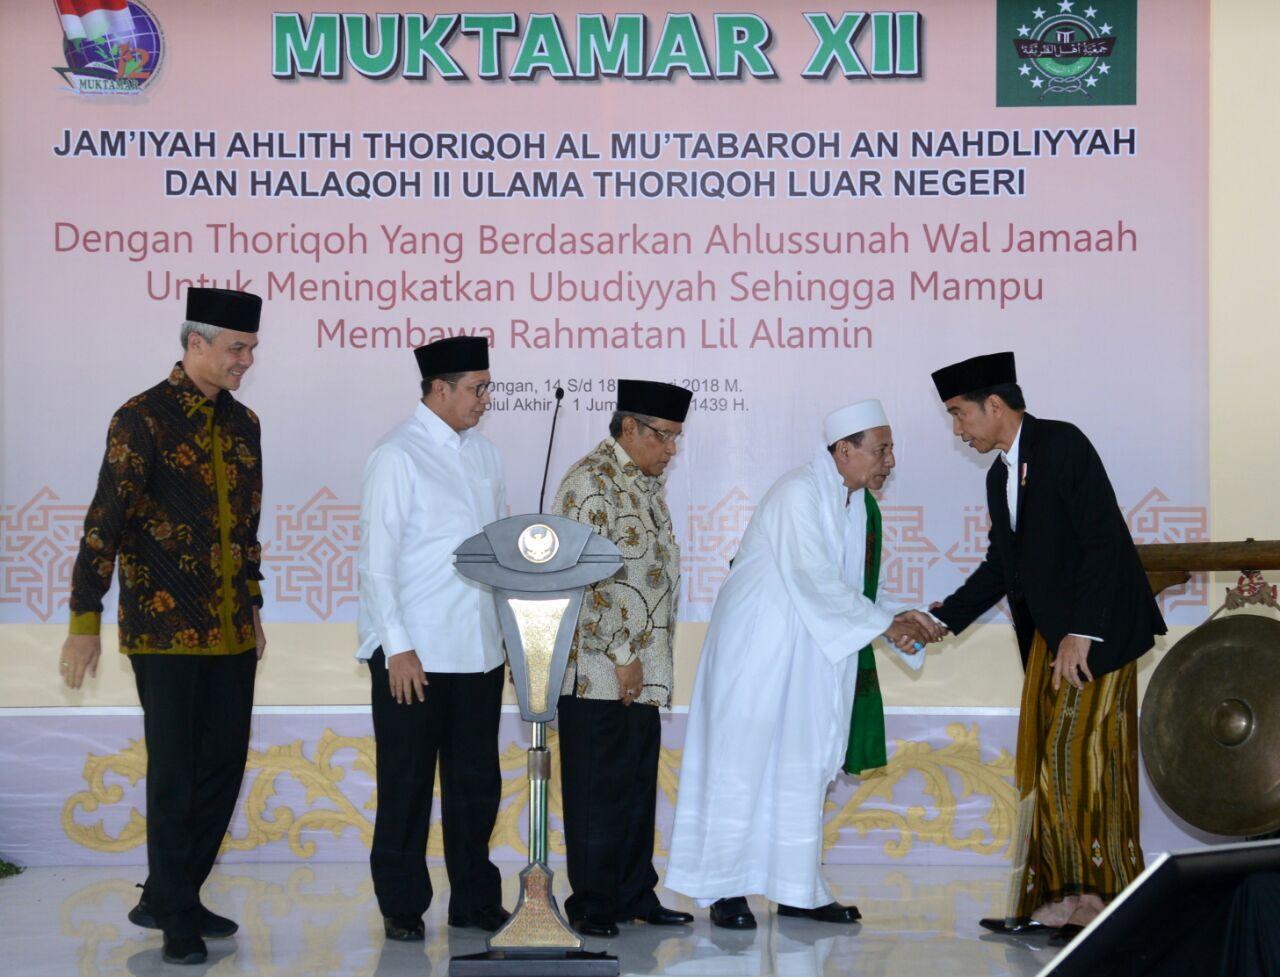 Presiden Jokowi: Keberagaman, Takdir Tuhan yang Harus Dijaga